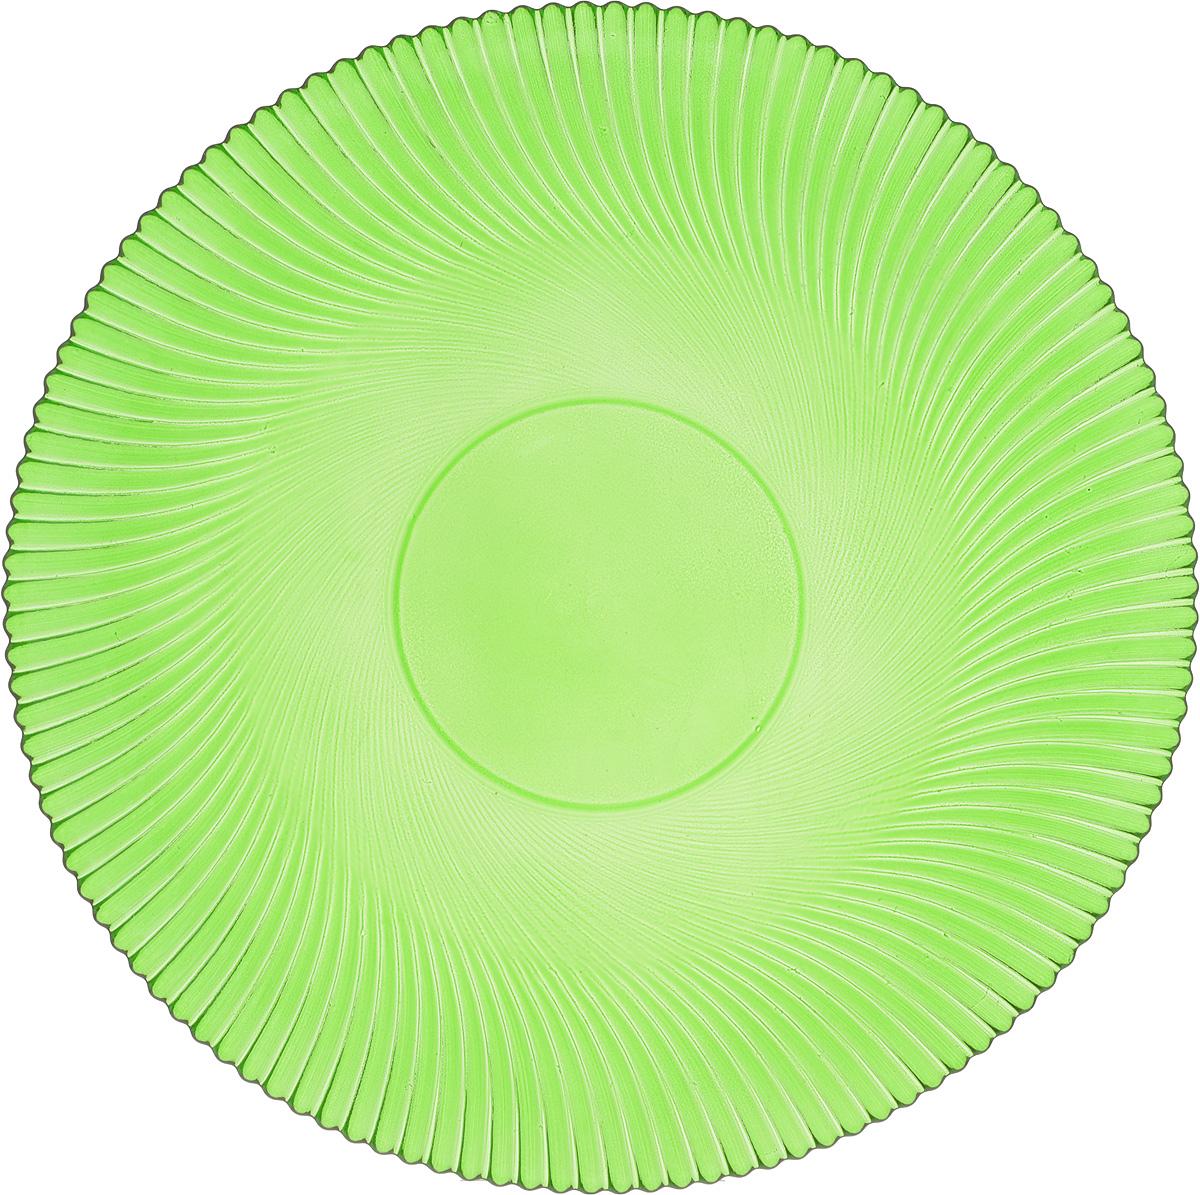 Тарелка NiNaGlass Альтера, цвет: зеленый, диаметр 26 см115510Тарелка NiNaGlass Альтера выполнена из высококачественного стекла и оформлена красивым рельефным узором. Тарелка идеальна для подачи вторых блюд, а также сервировки закусок, нарезок, десертов и многого другого. Она отлично подойдет как для повседневных, так и для торжественных случаев.Такая тарелка прекрасно впишется в интерьер вашей кухни и станет достойным дополнением к кухонному инвентарю.